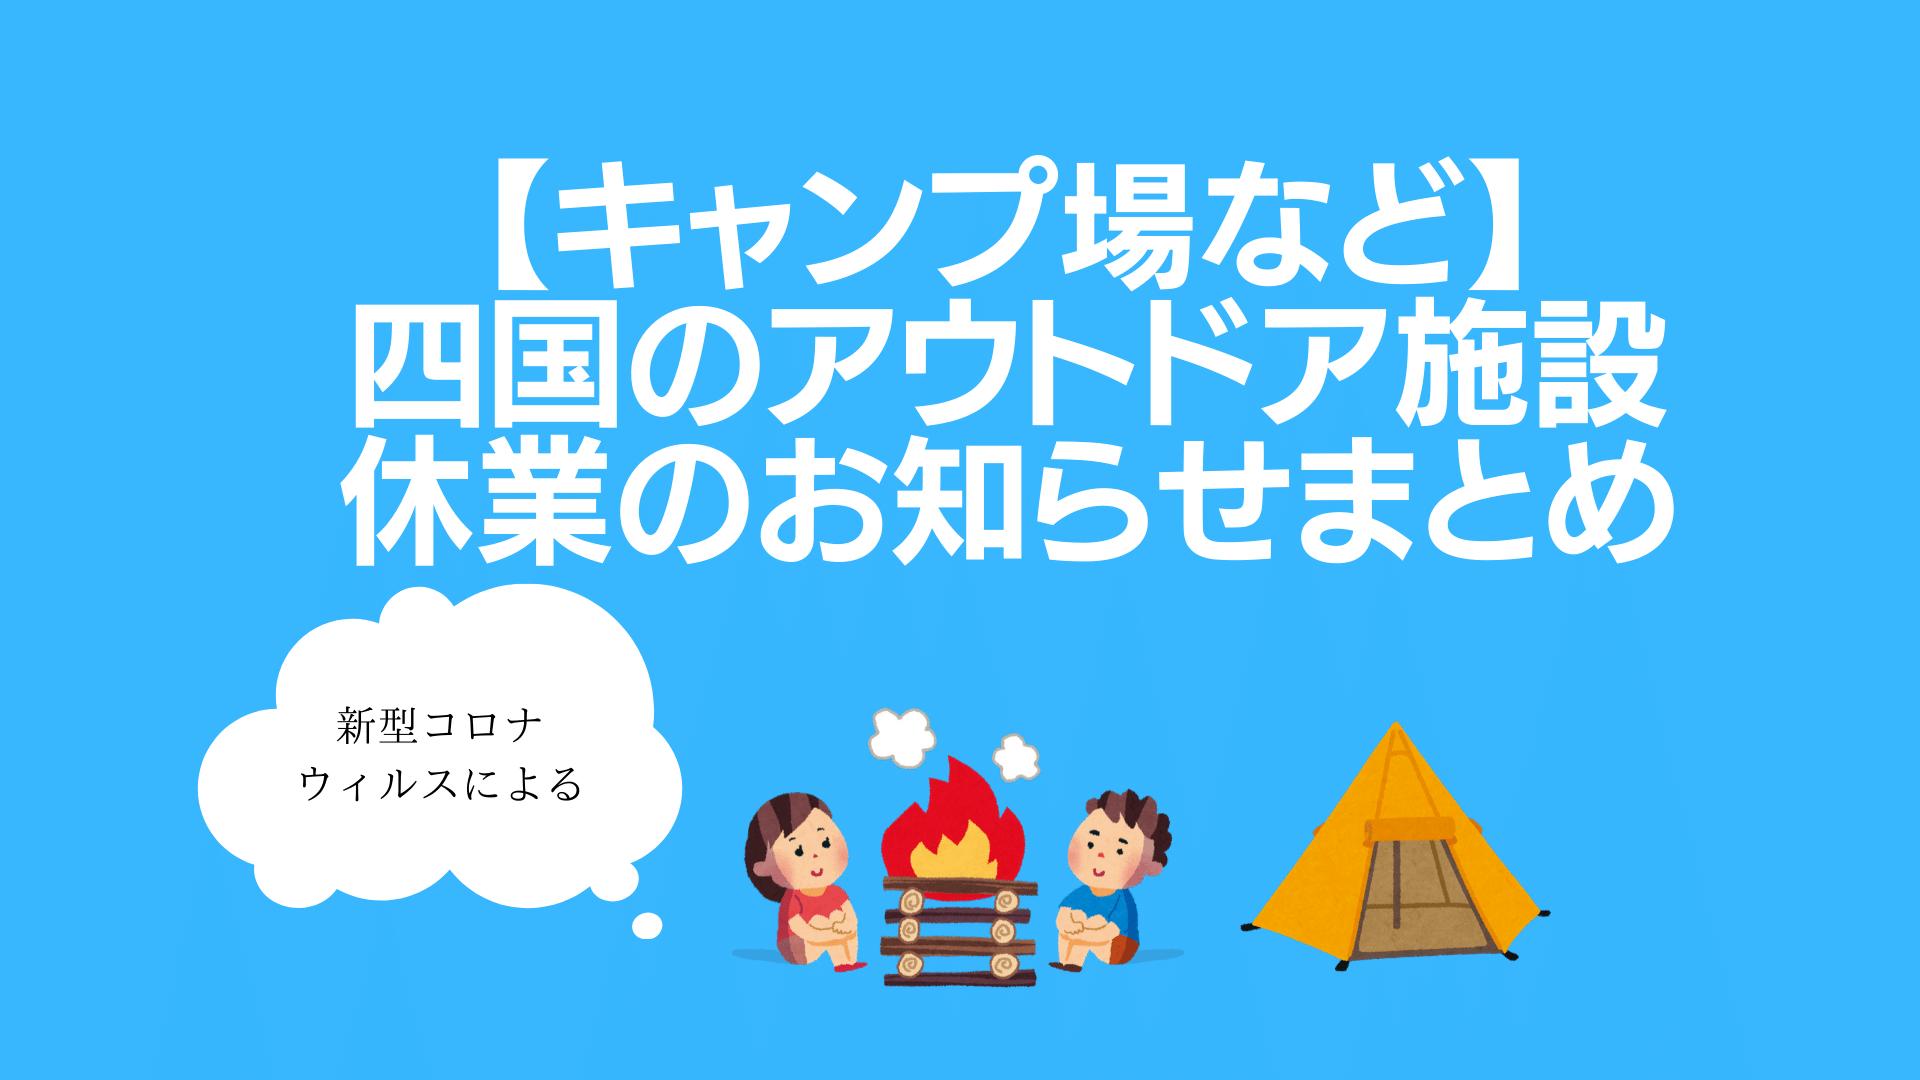 【新型コロナ】四国のアウトドア施設休業のお知らせまとめ